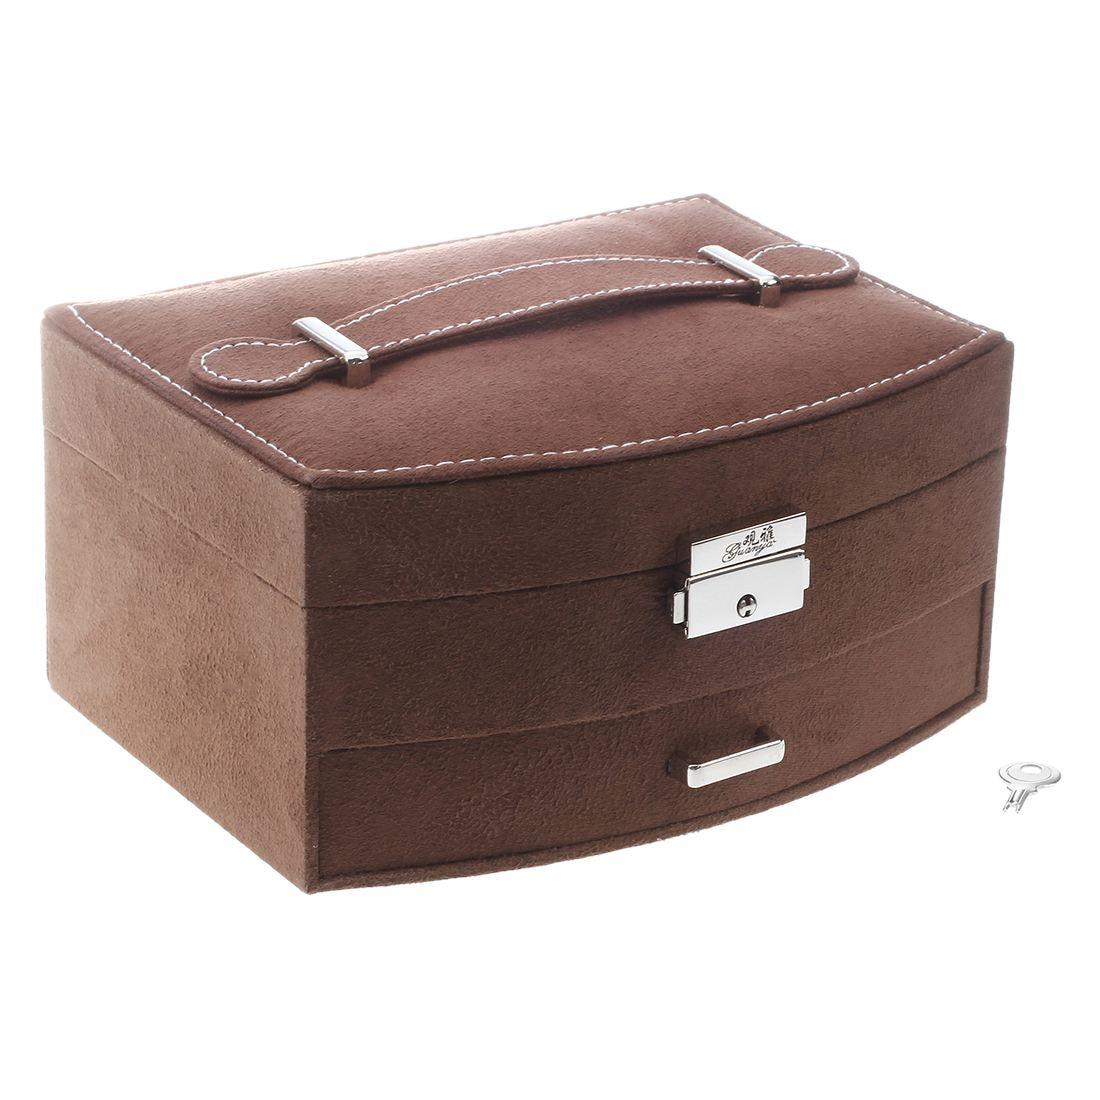 תכשיטי קופסא תכשיטי אחסון מקרה לאחסון עגילים, אוזן הרבעה, שרשראות, צמידים וטבעות (שתי קומות, קפה)